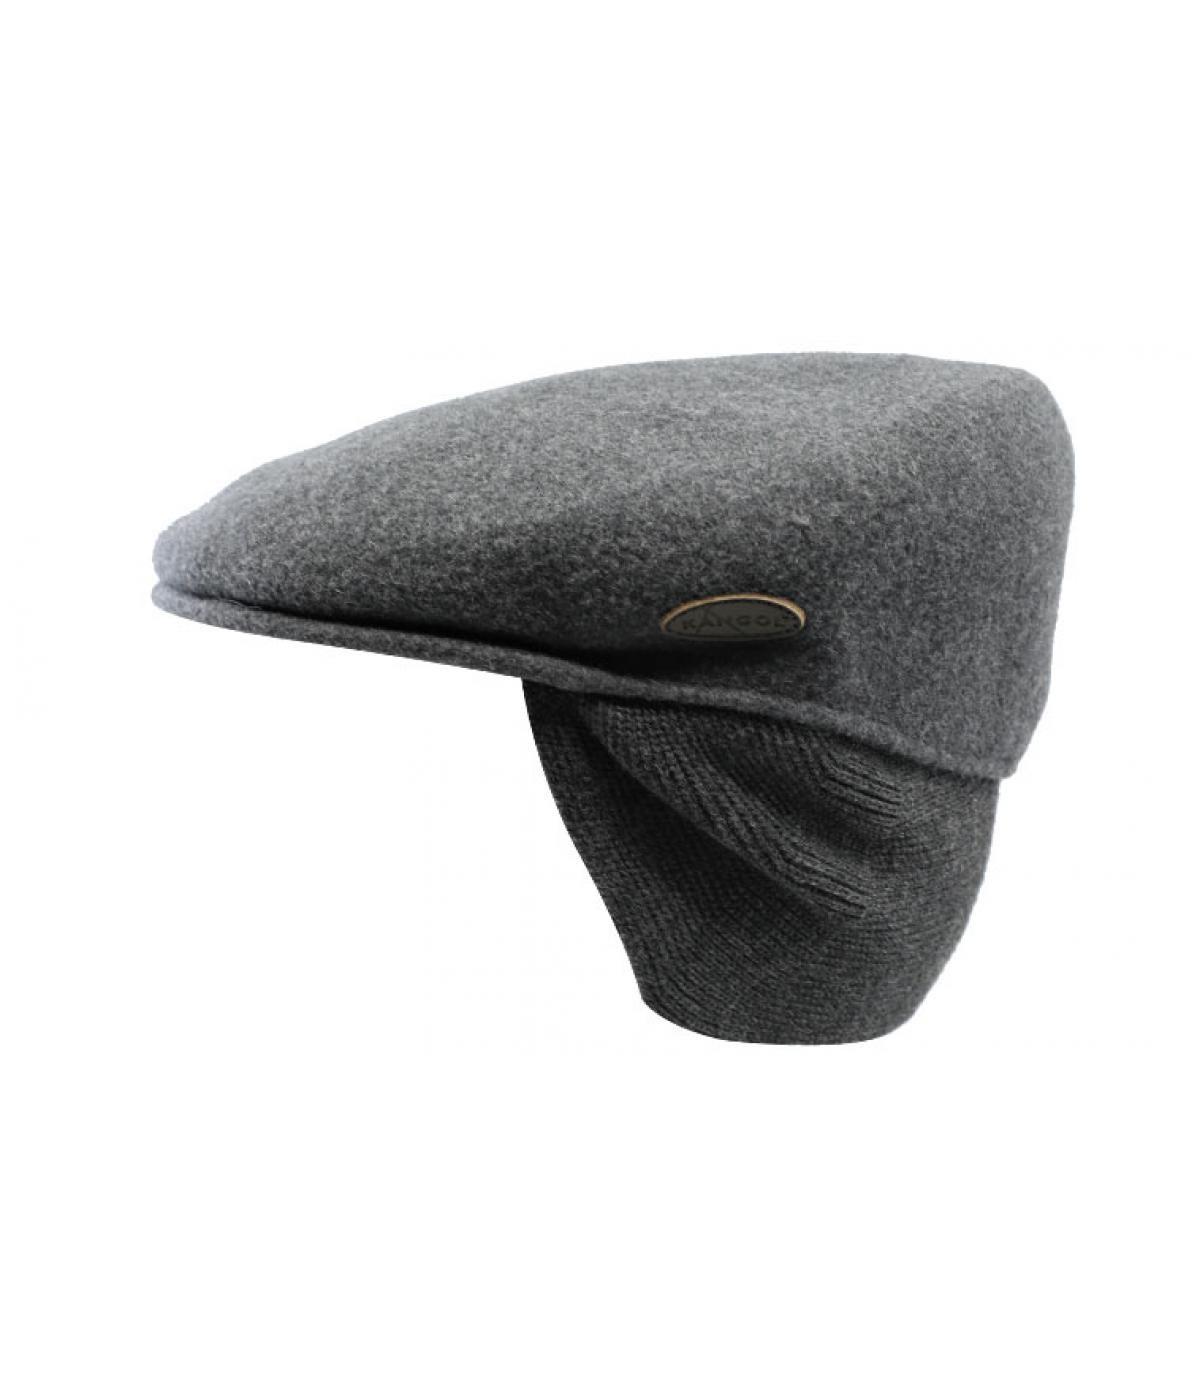 Détails Wool 504 Earflap dk flannel - image 2